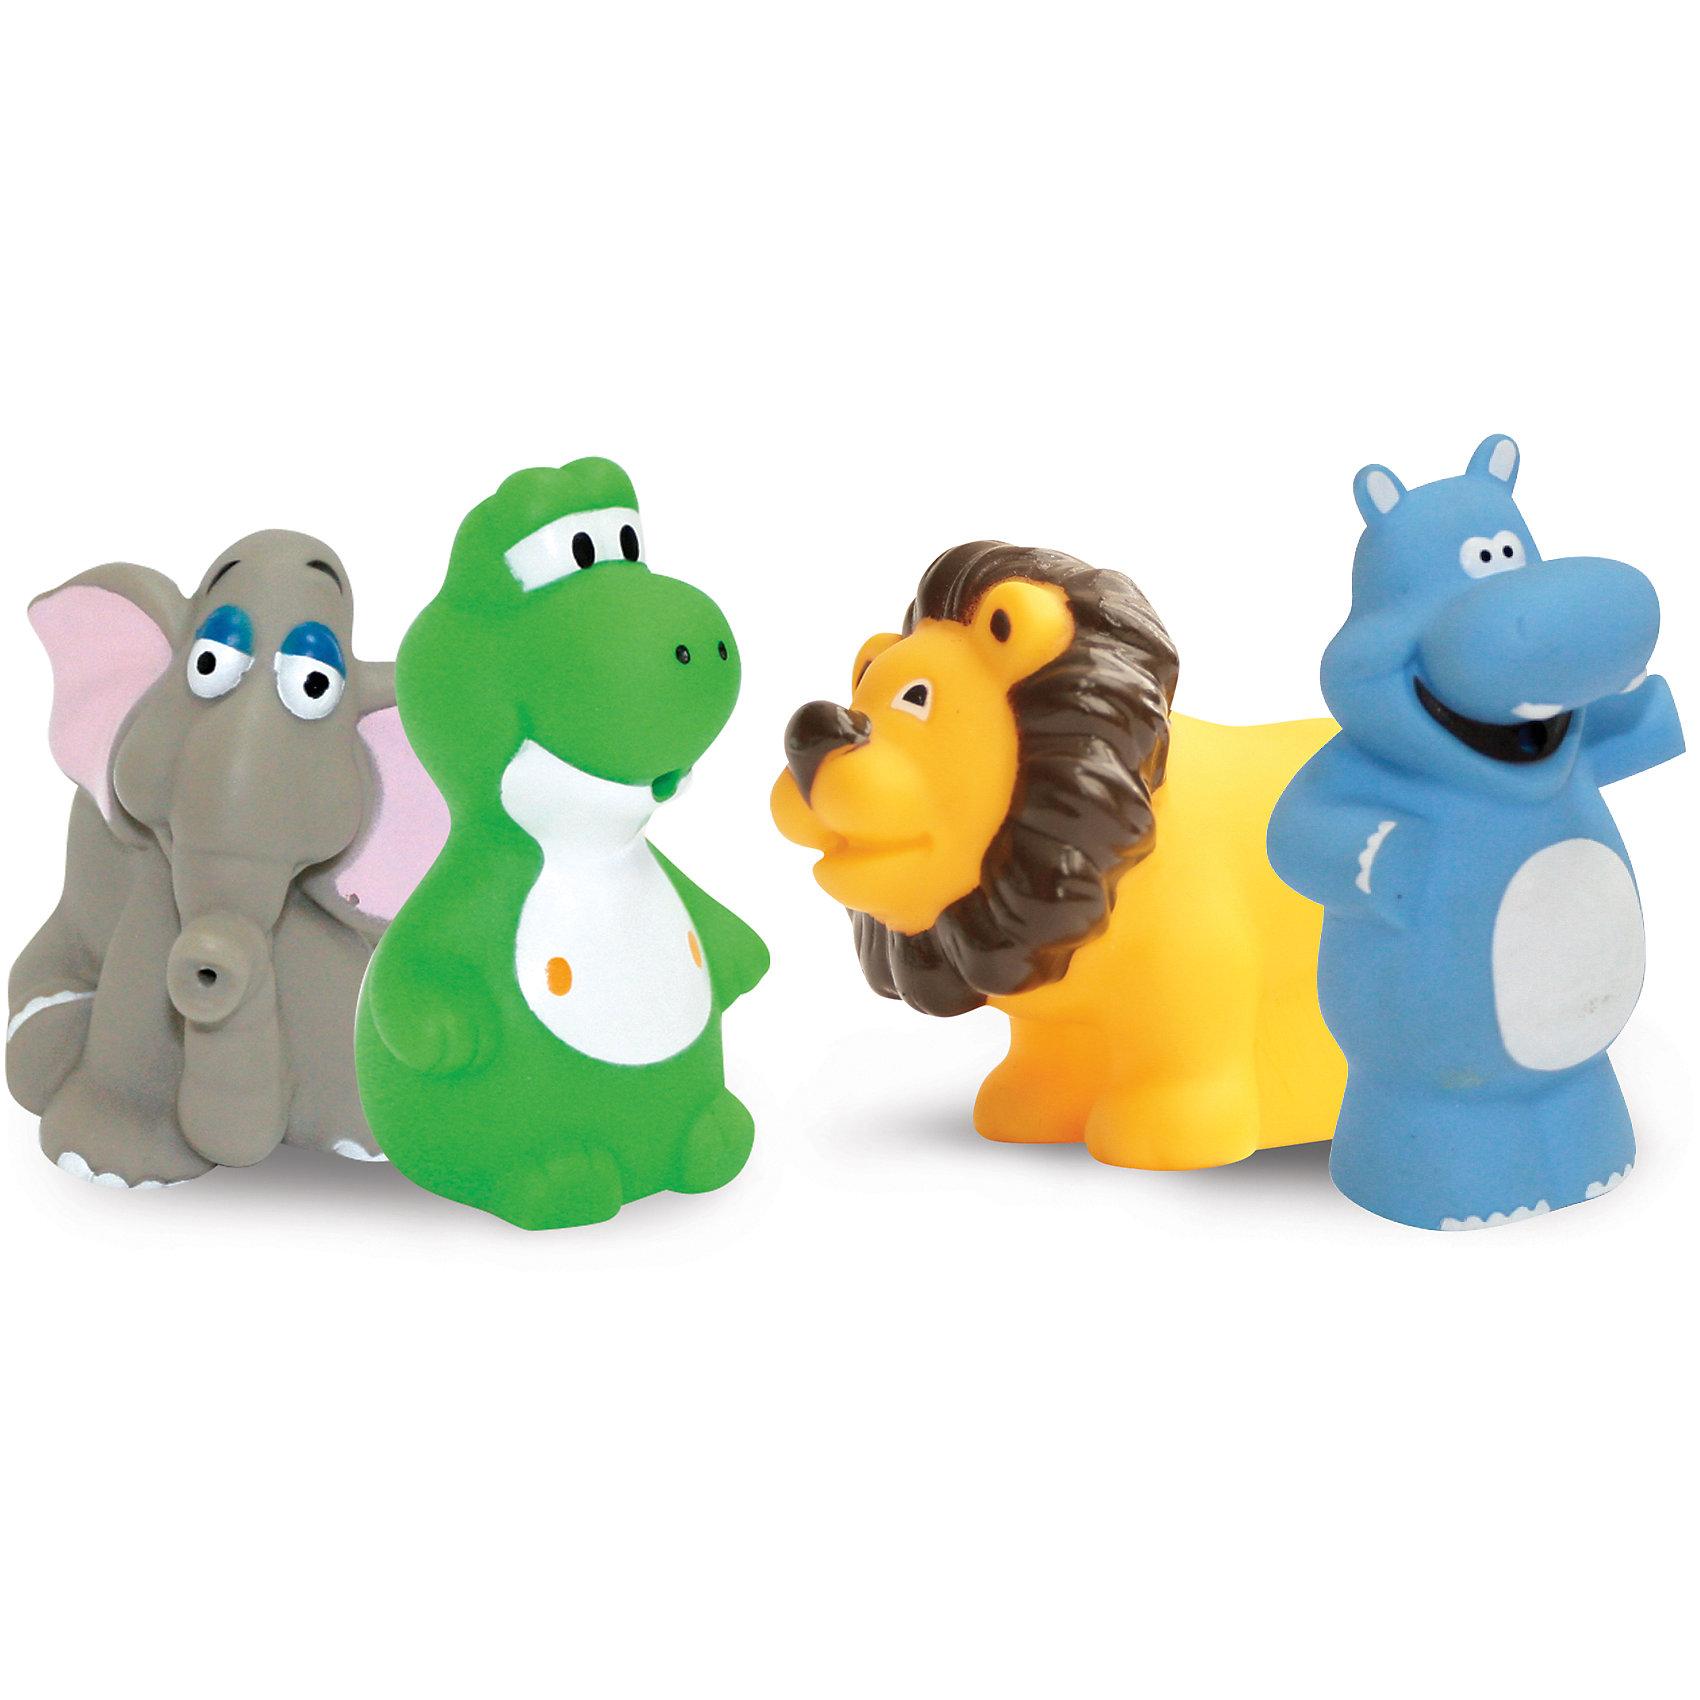 Набор игрушек для купания Африка от 12 мес., 4 шт., LUBBYНабор игрушек для купания Африка понравится каждому малышу. У набора игрушек для купания Африка торговой  марки LUBBY удобная форма и яркая расцветка, что делает набор самым любимым! Ведь сейчас  так много мультиков с участием животных Африки! И Вашему малышу будет очень приятно получить такой набор игрушек в качестве подарка. С помощью игрушек можно изучать как рычит лев или насколько большой у слона хобот. Все игрушки торговой марки LUBBY  имеют специальный QR code. При сканировании кода мобильным телефоном Вы получаете стишок о главном персонаже. <br><br>Дополнительная информация: <br><br>- состав: поливинилхлорид (пвх)<br>- срок службы: 3 года<br>- размер единичной упаковки (дхшхв) : 100 * 130*70<br><br>Набор игрушек для купания Африка  можно купить в нашем интернет-магазине.<br><br>Ширина мм: 100<br>Глубина мм: 130<br>Высота мм: 70<br>Вес г: 350<br>Возраст от месяцев: 12<br>Возраст до месяцев: 36<br>Пол: Унисекс<br>Возраст: Детский<br>SKU: 4801555